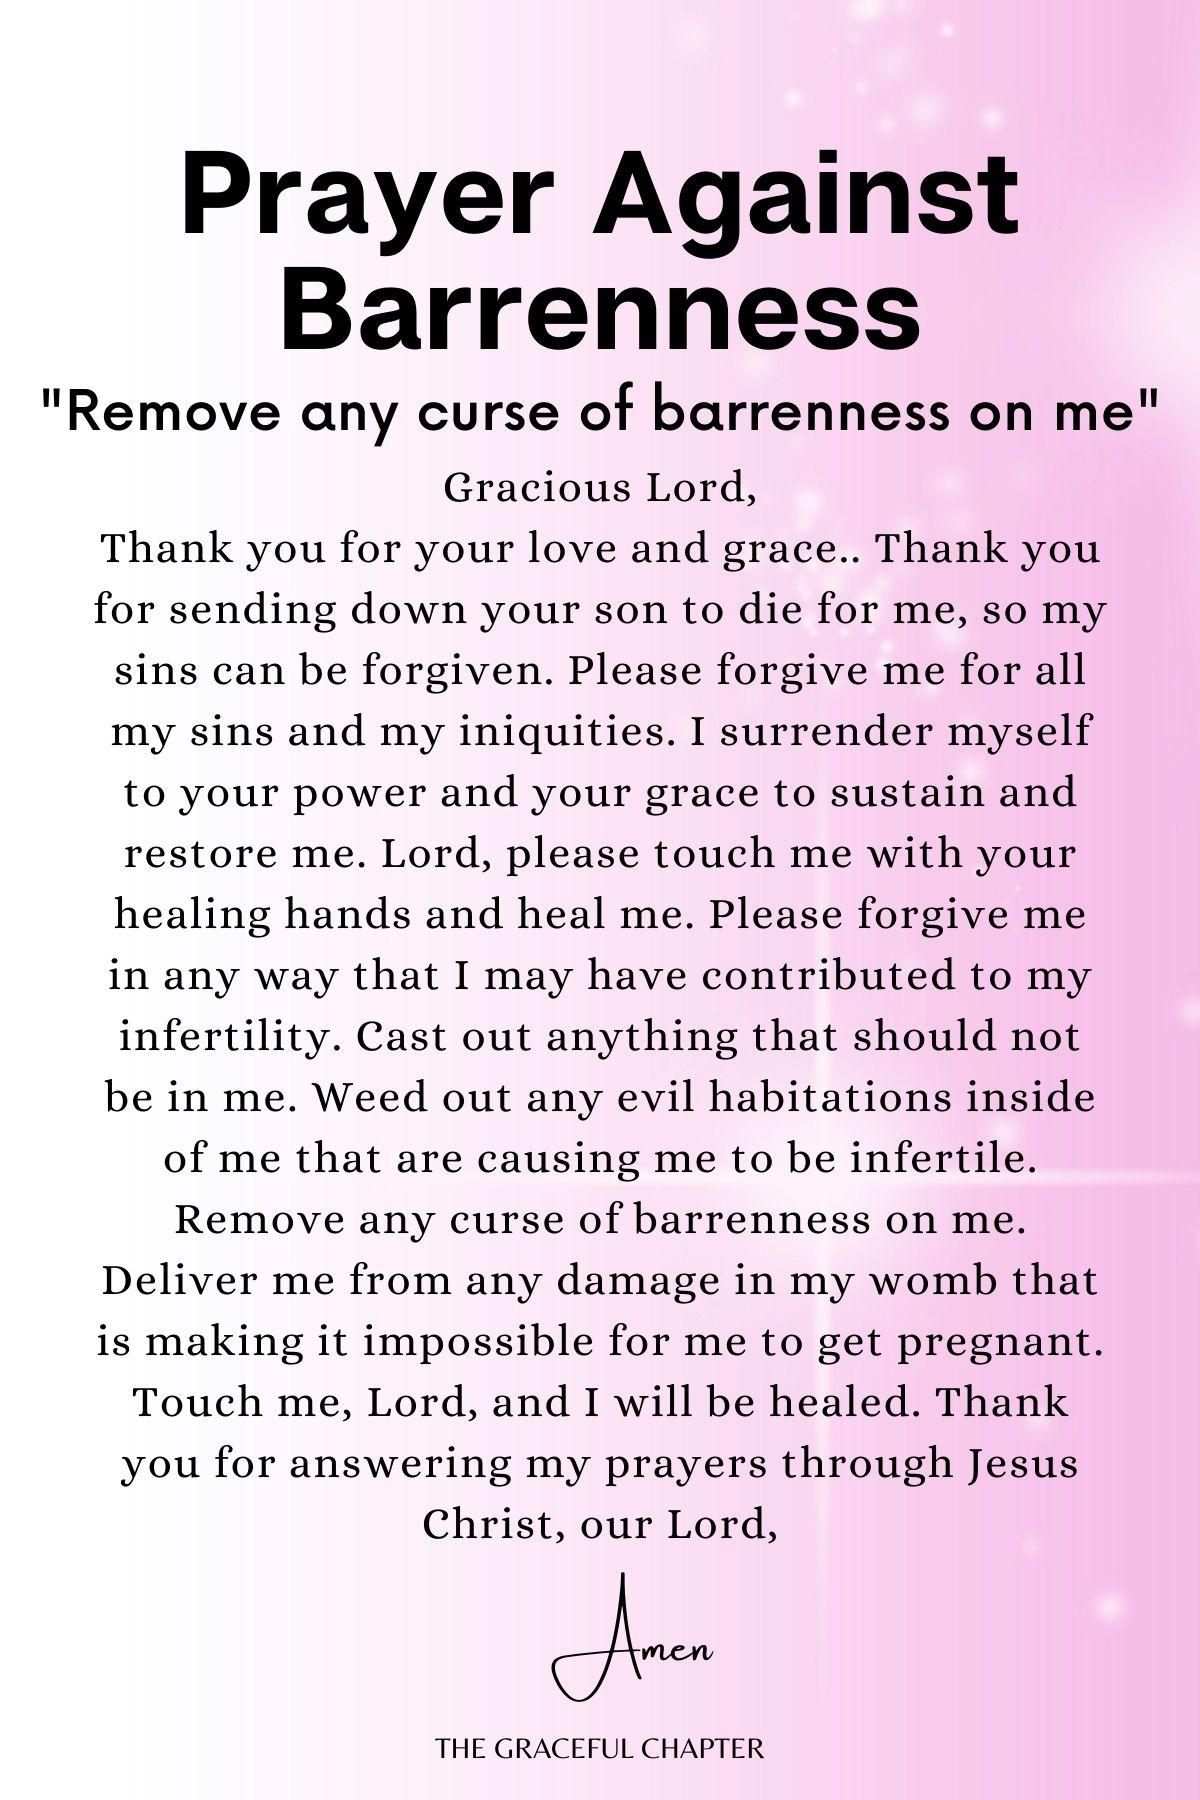 Prayer against barrenness